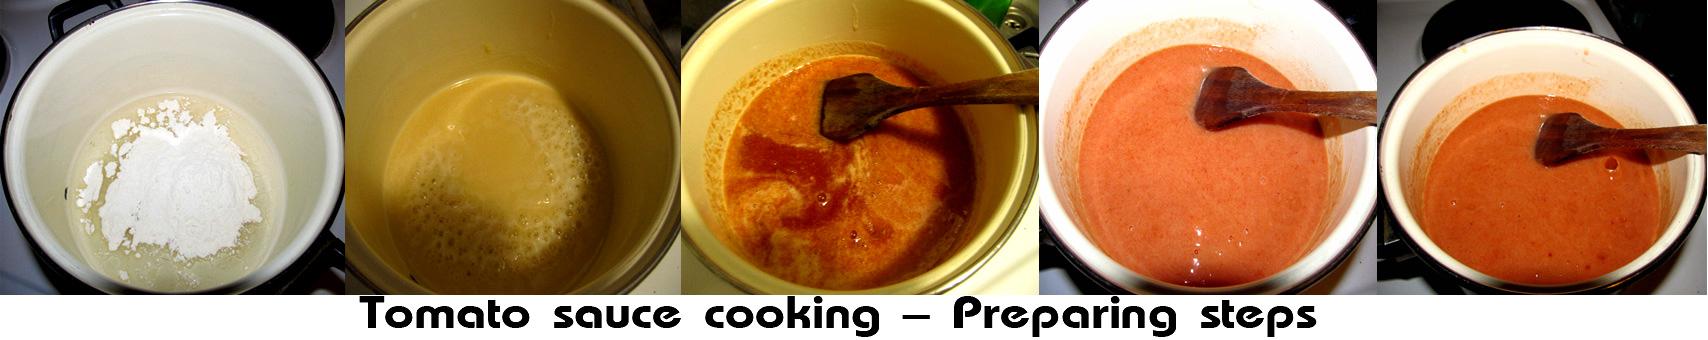 Rinfleisch - Tomato sauce cooking